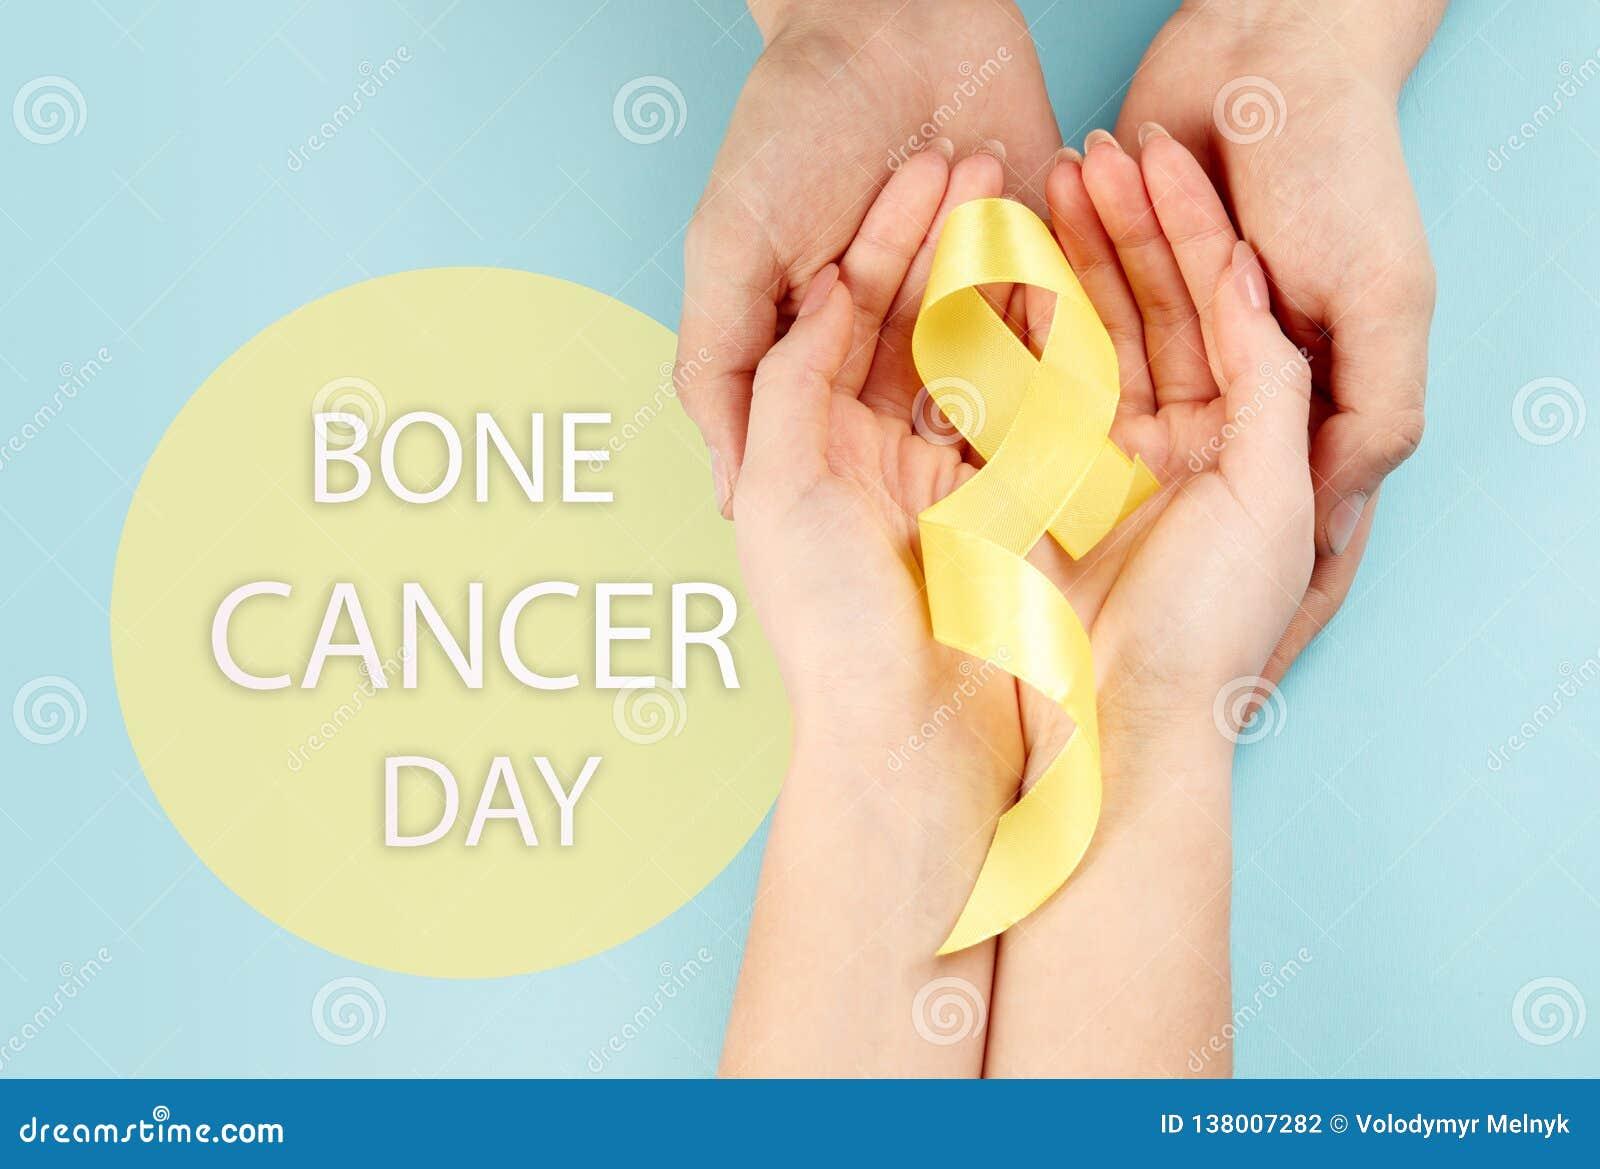 sarcoma cancer prevention cancer de prostata jovenes